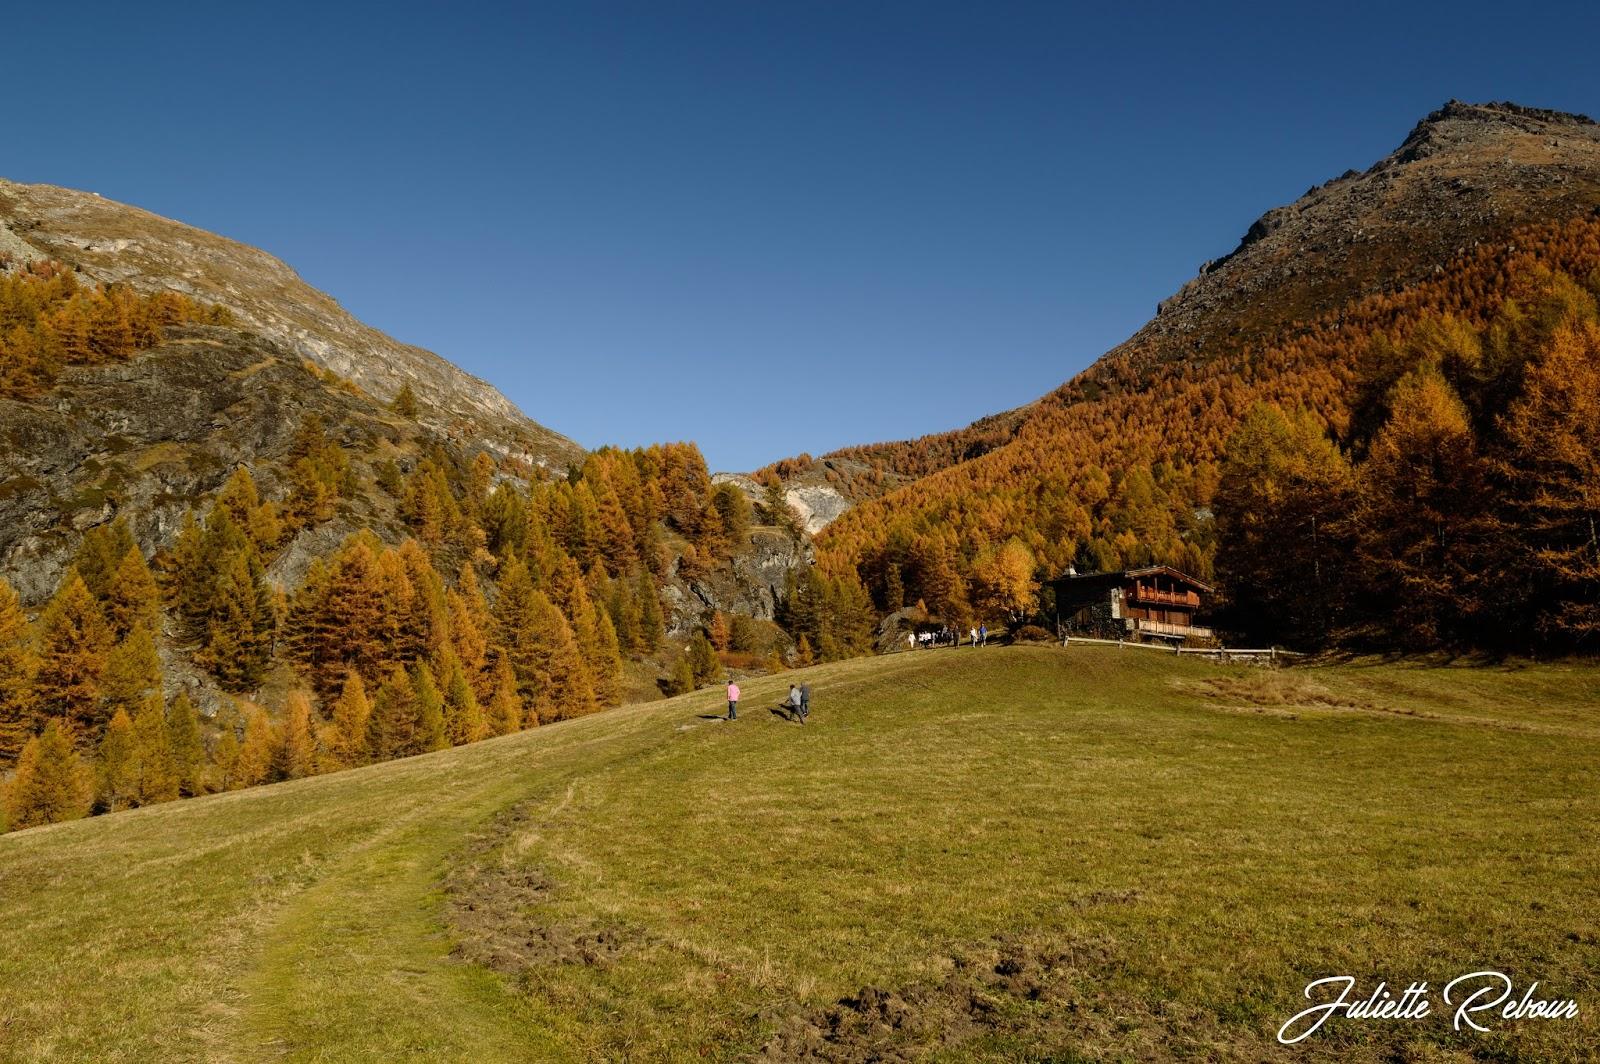 Randonnée au Monal en automne, Sainte-Foy-Tarentaise